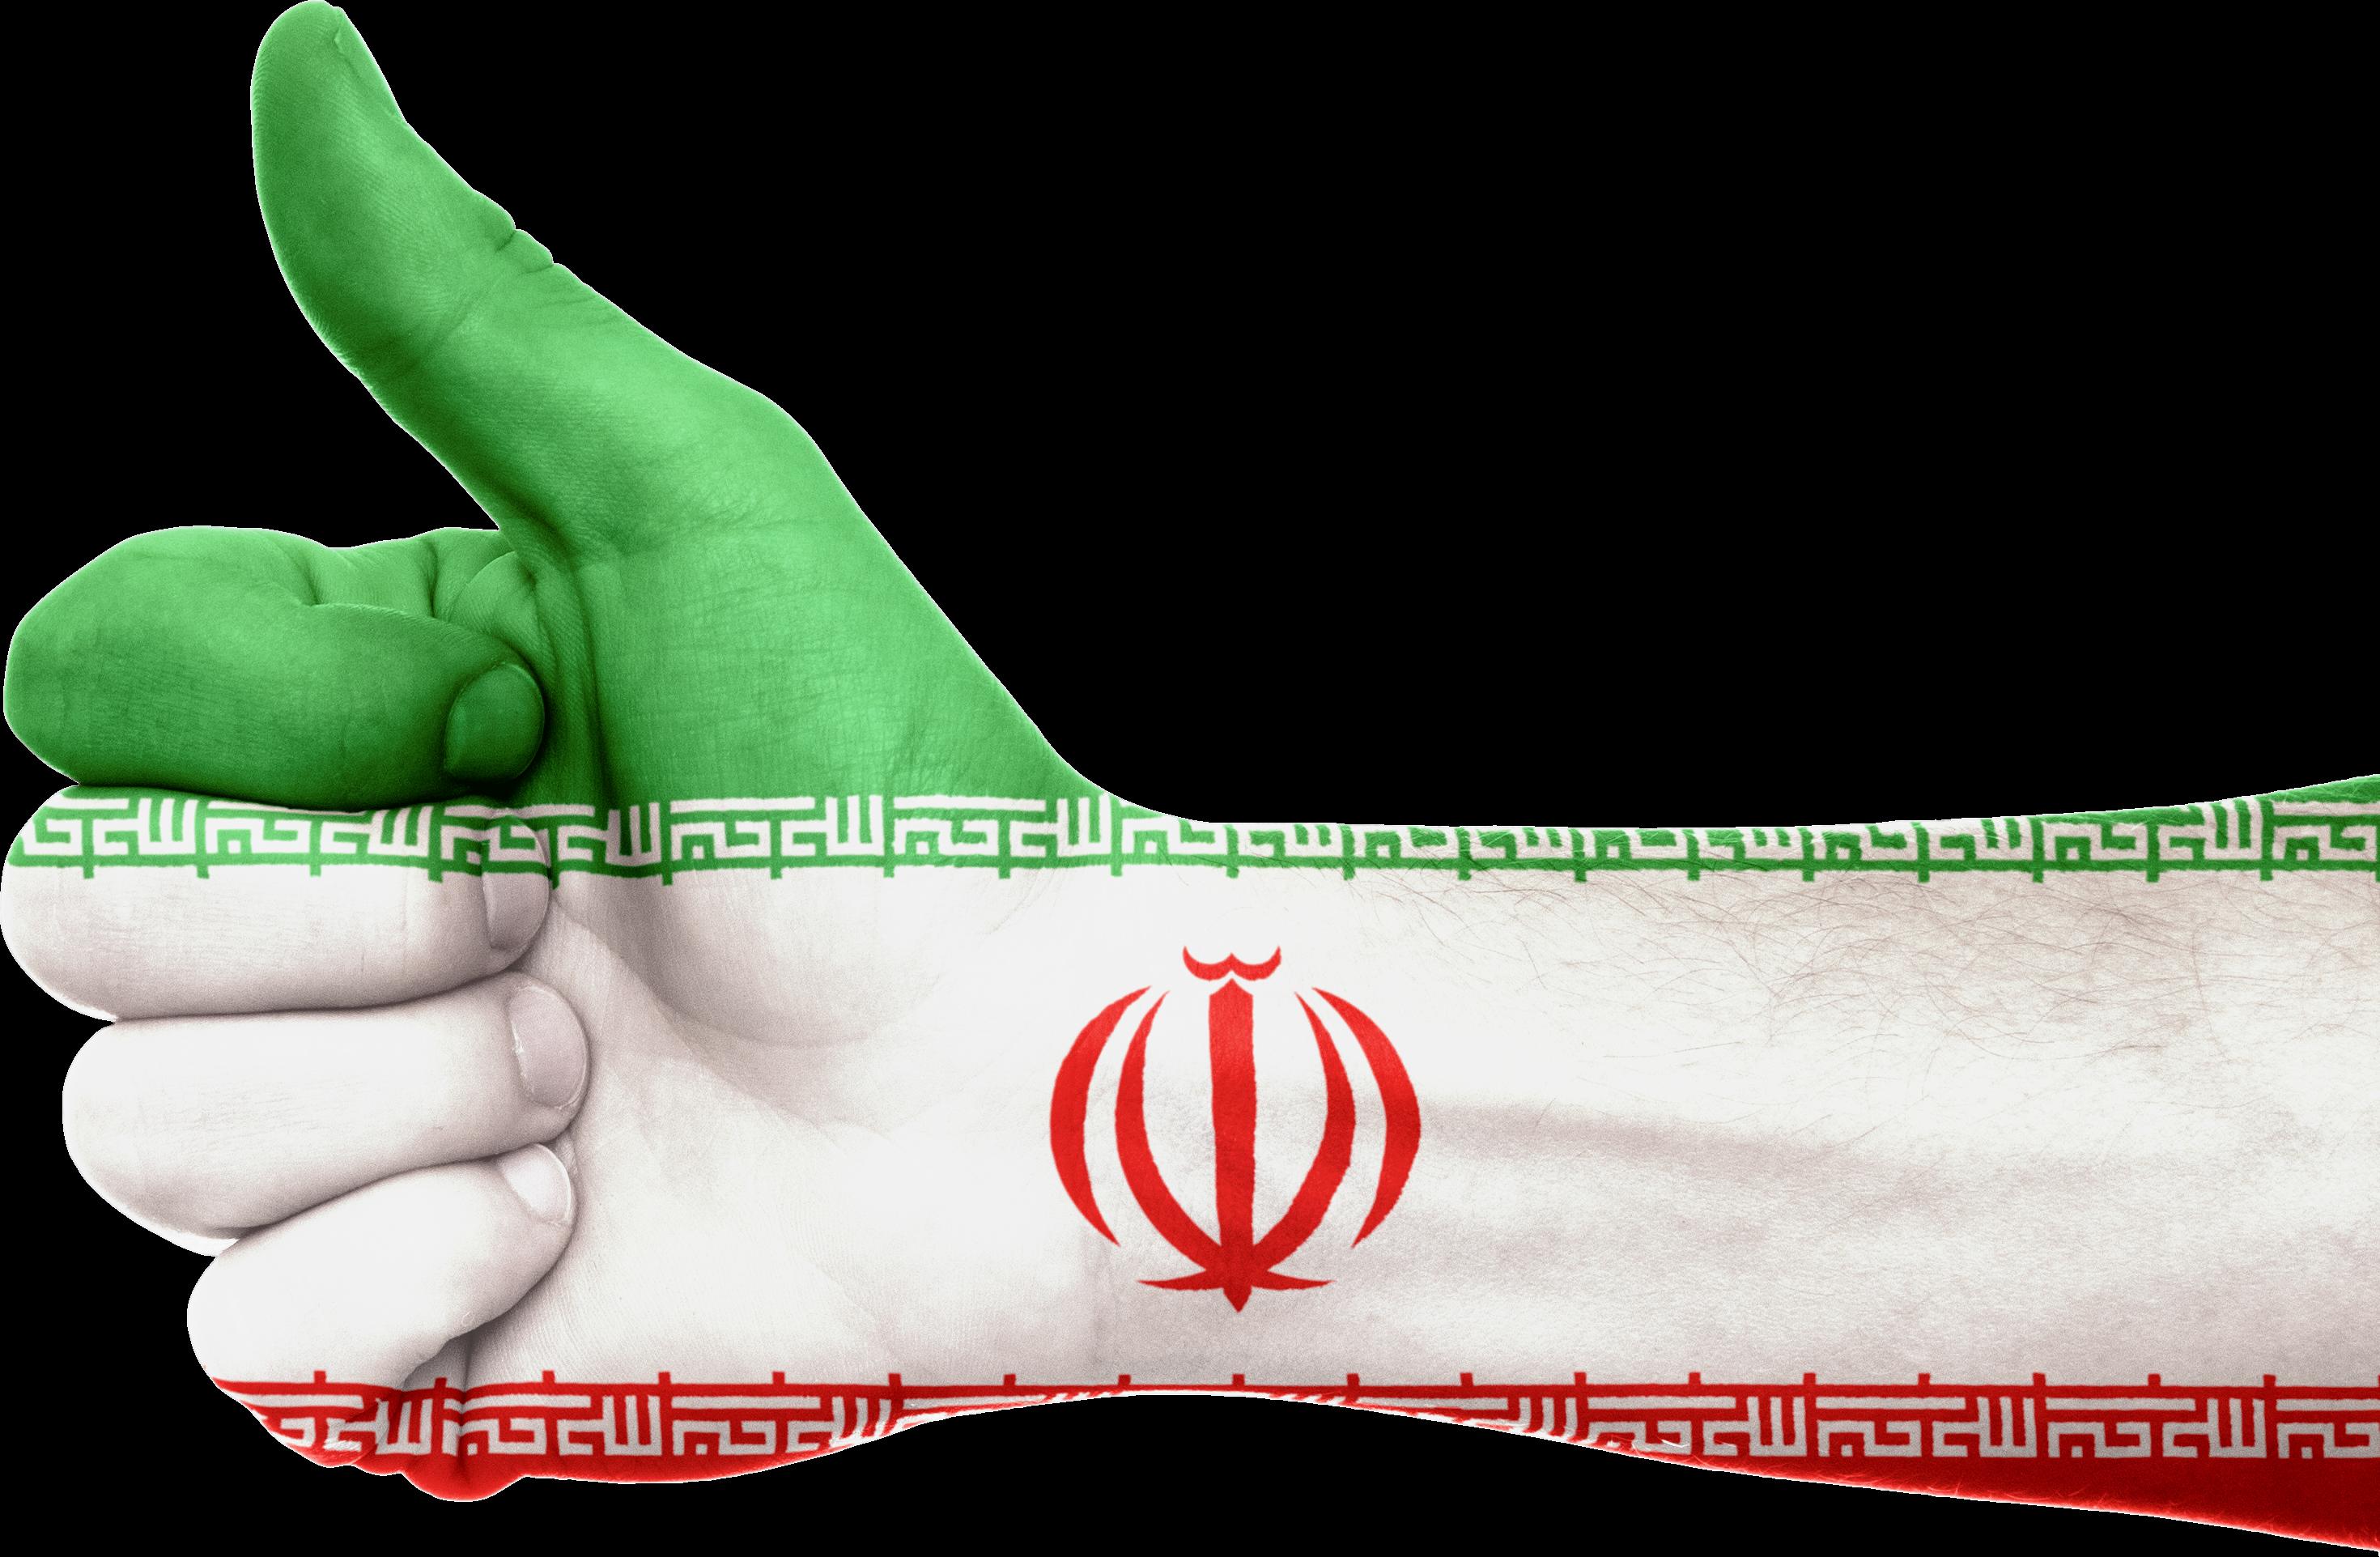 کسب و کار آنلاین در ایران